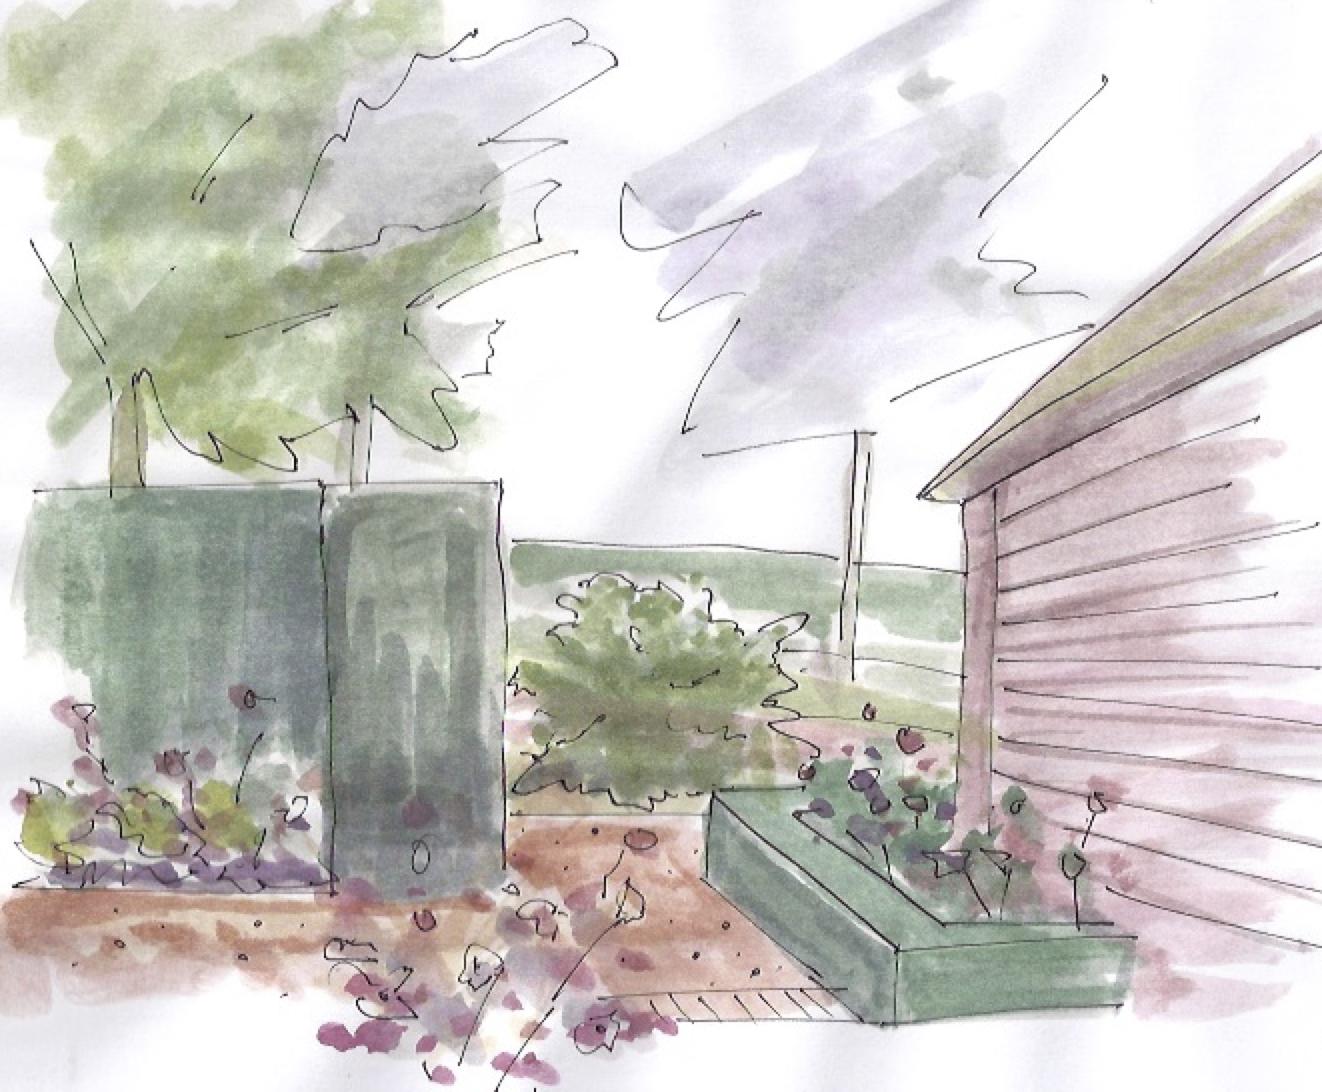 www.frasergardendesign.co.uk